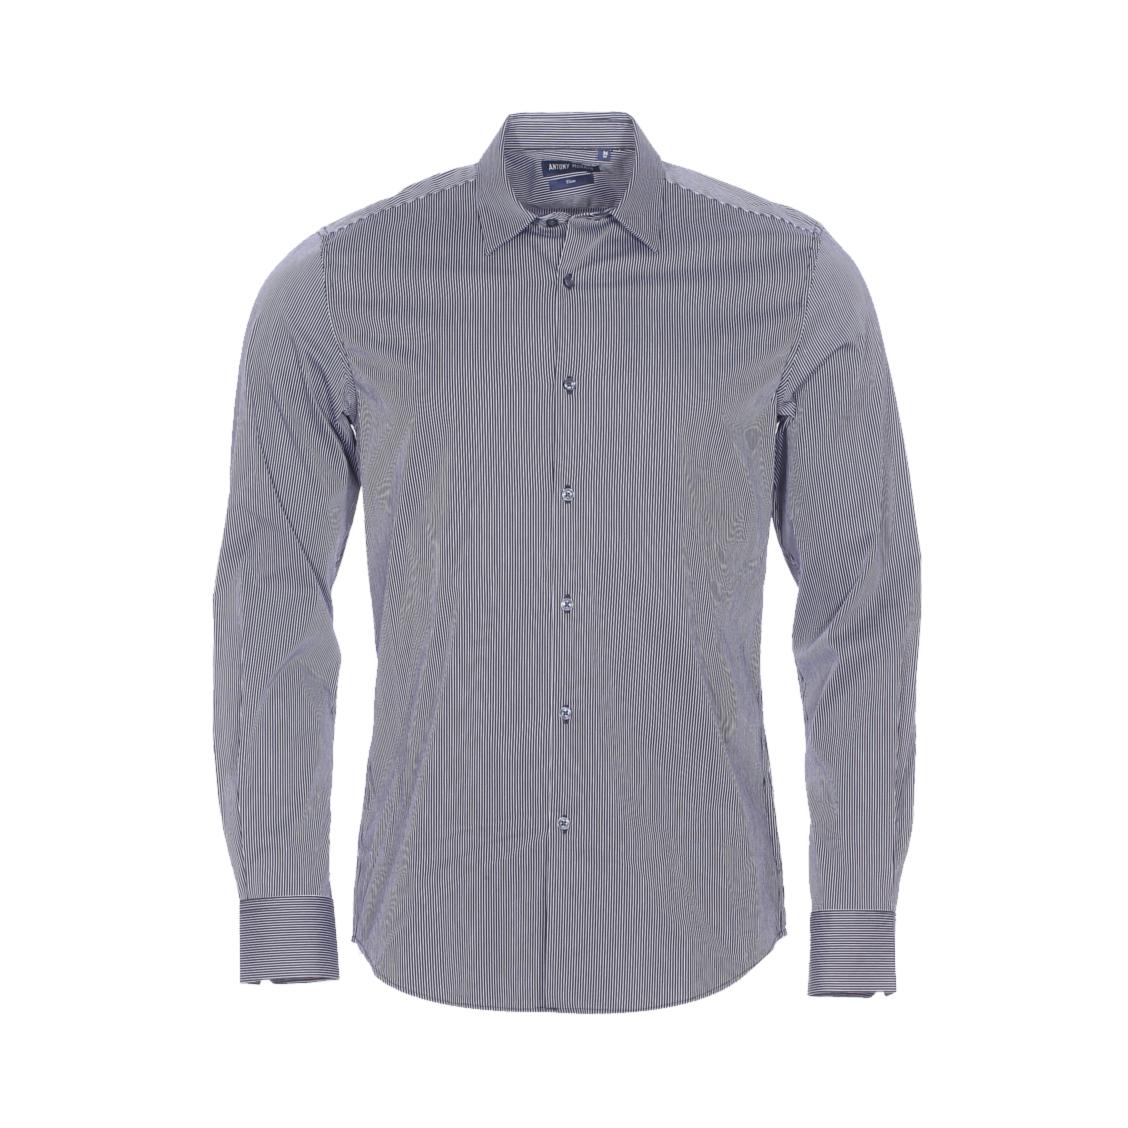 Chemise cintrée  en coton bleu marine à fines rayures blanches